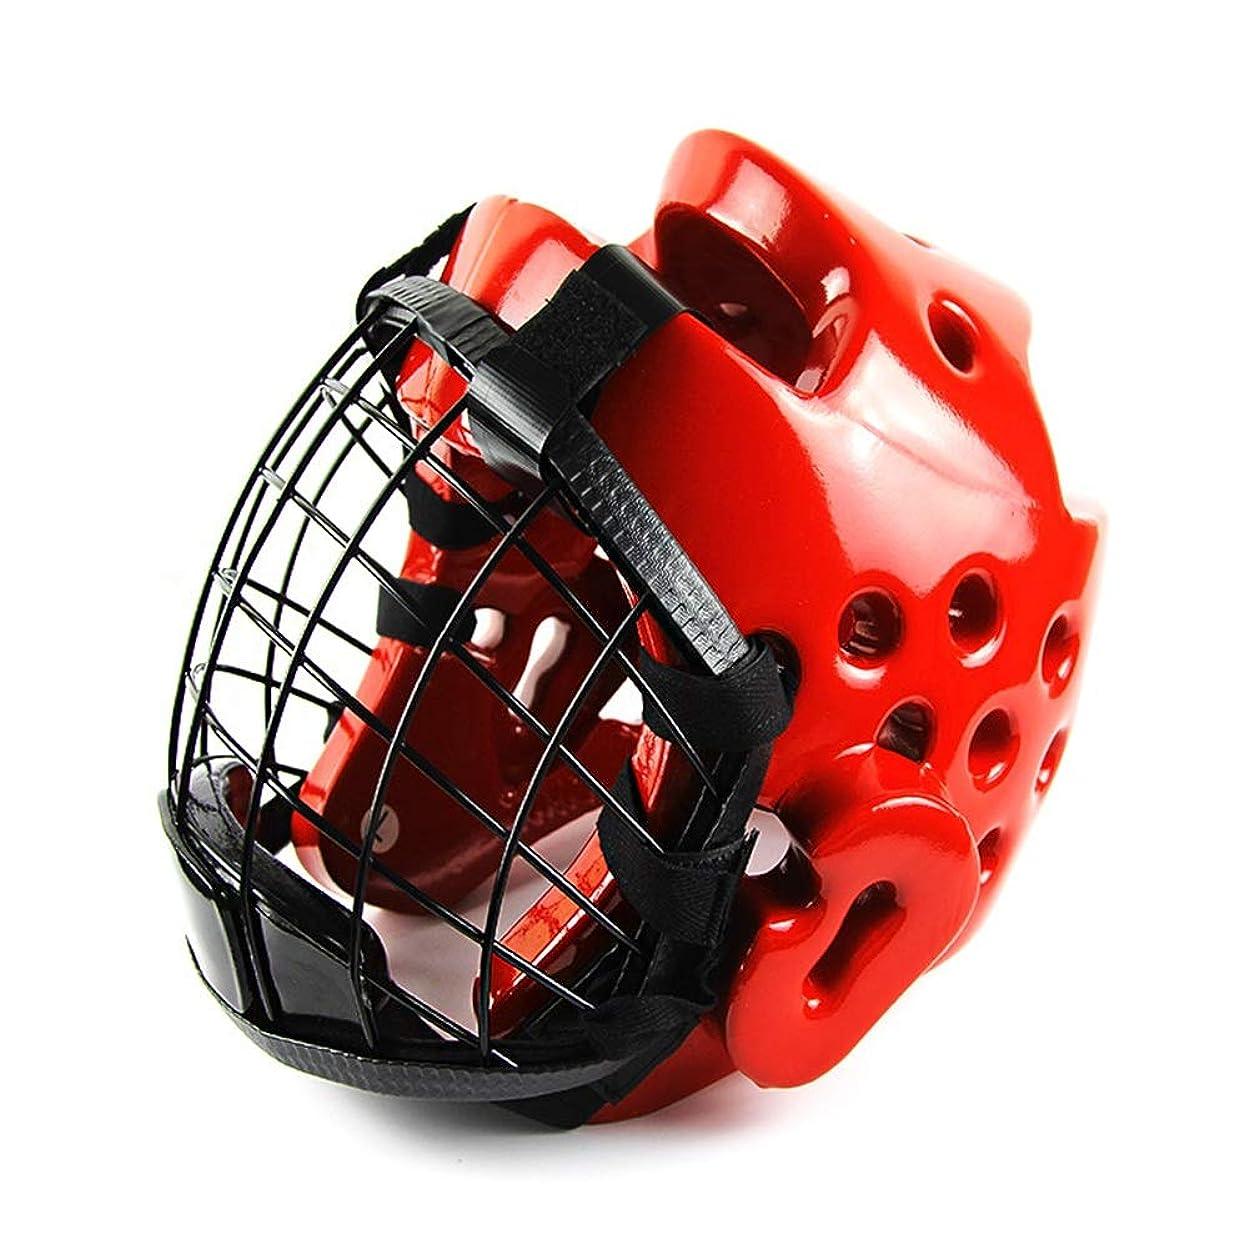 血統検査官ずらすヘッドギアヘッドガードトレーニングヘルメットキックボクシングプレテクションギア ボクシングヘッドギア (色 : 赤, サイズ : L)